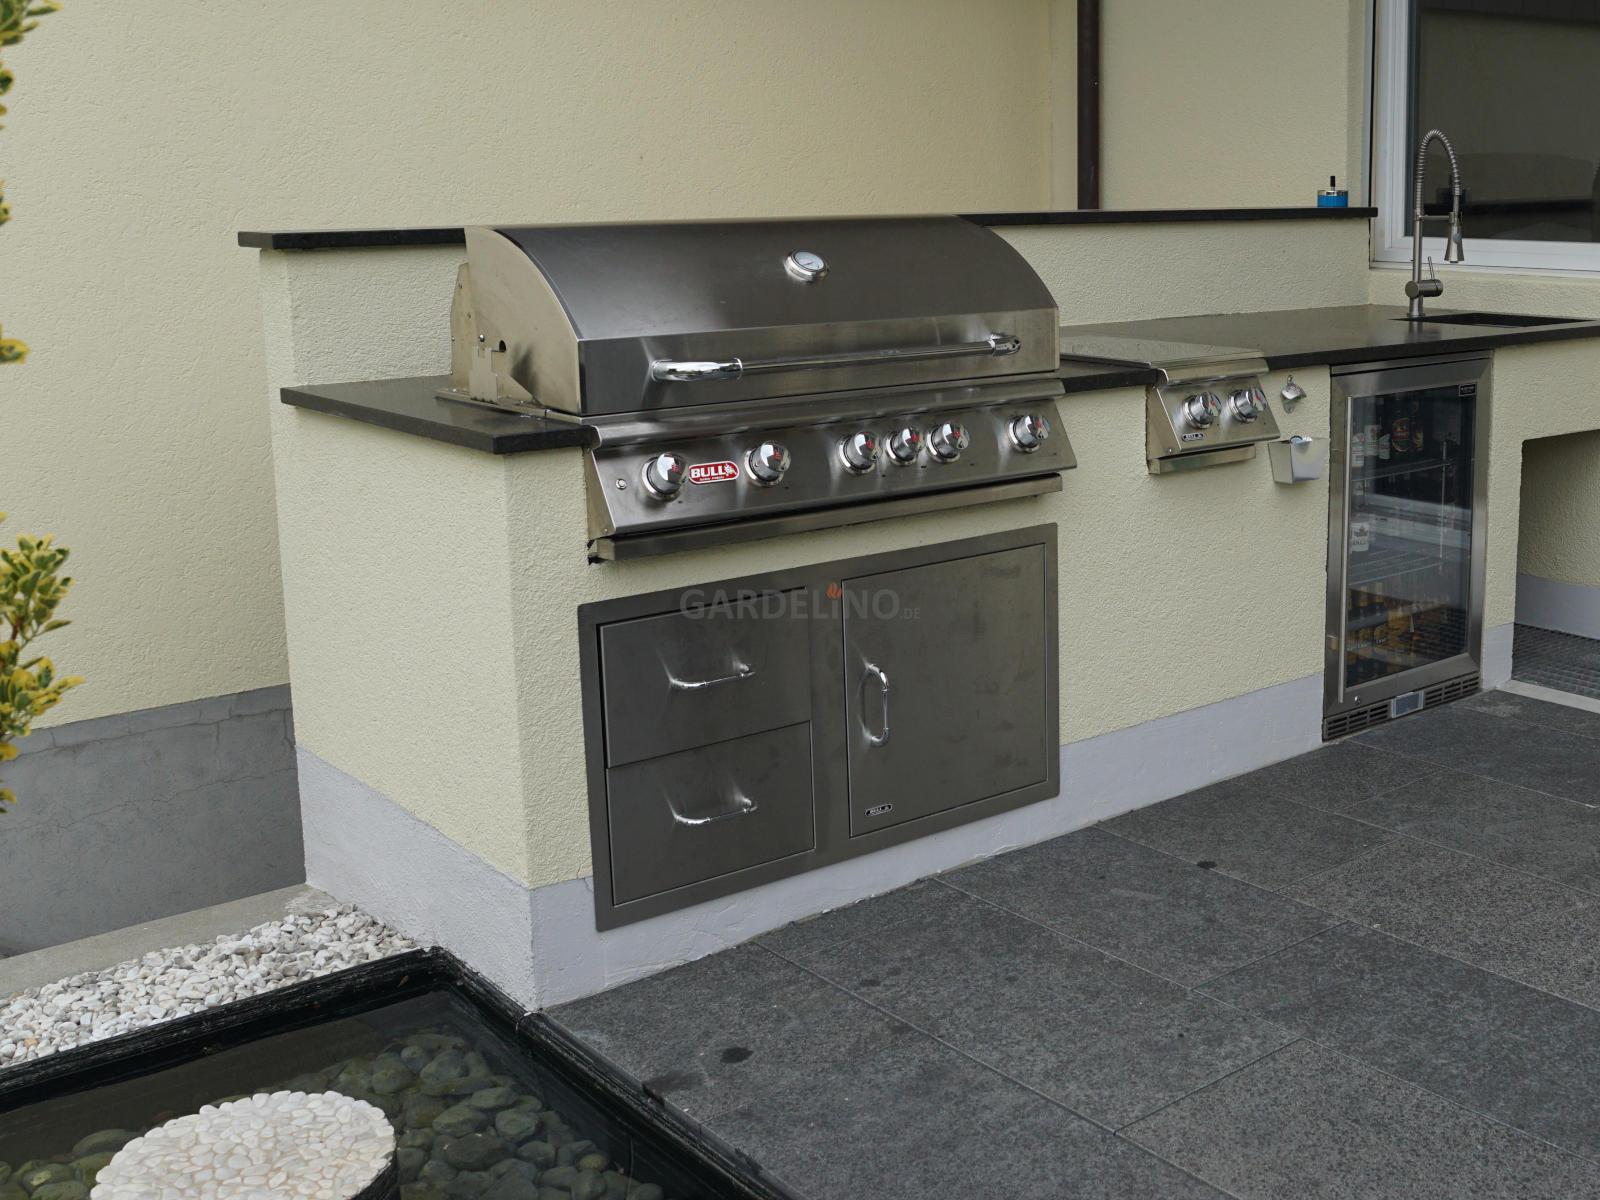 Outdoorküche Klein Waschmaschine : Küche ytong podest waschmaschine bauen ytong bild küche gasbeton